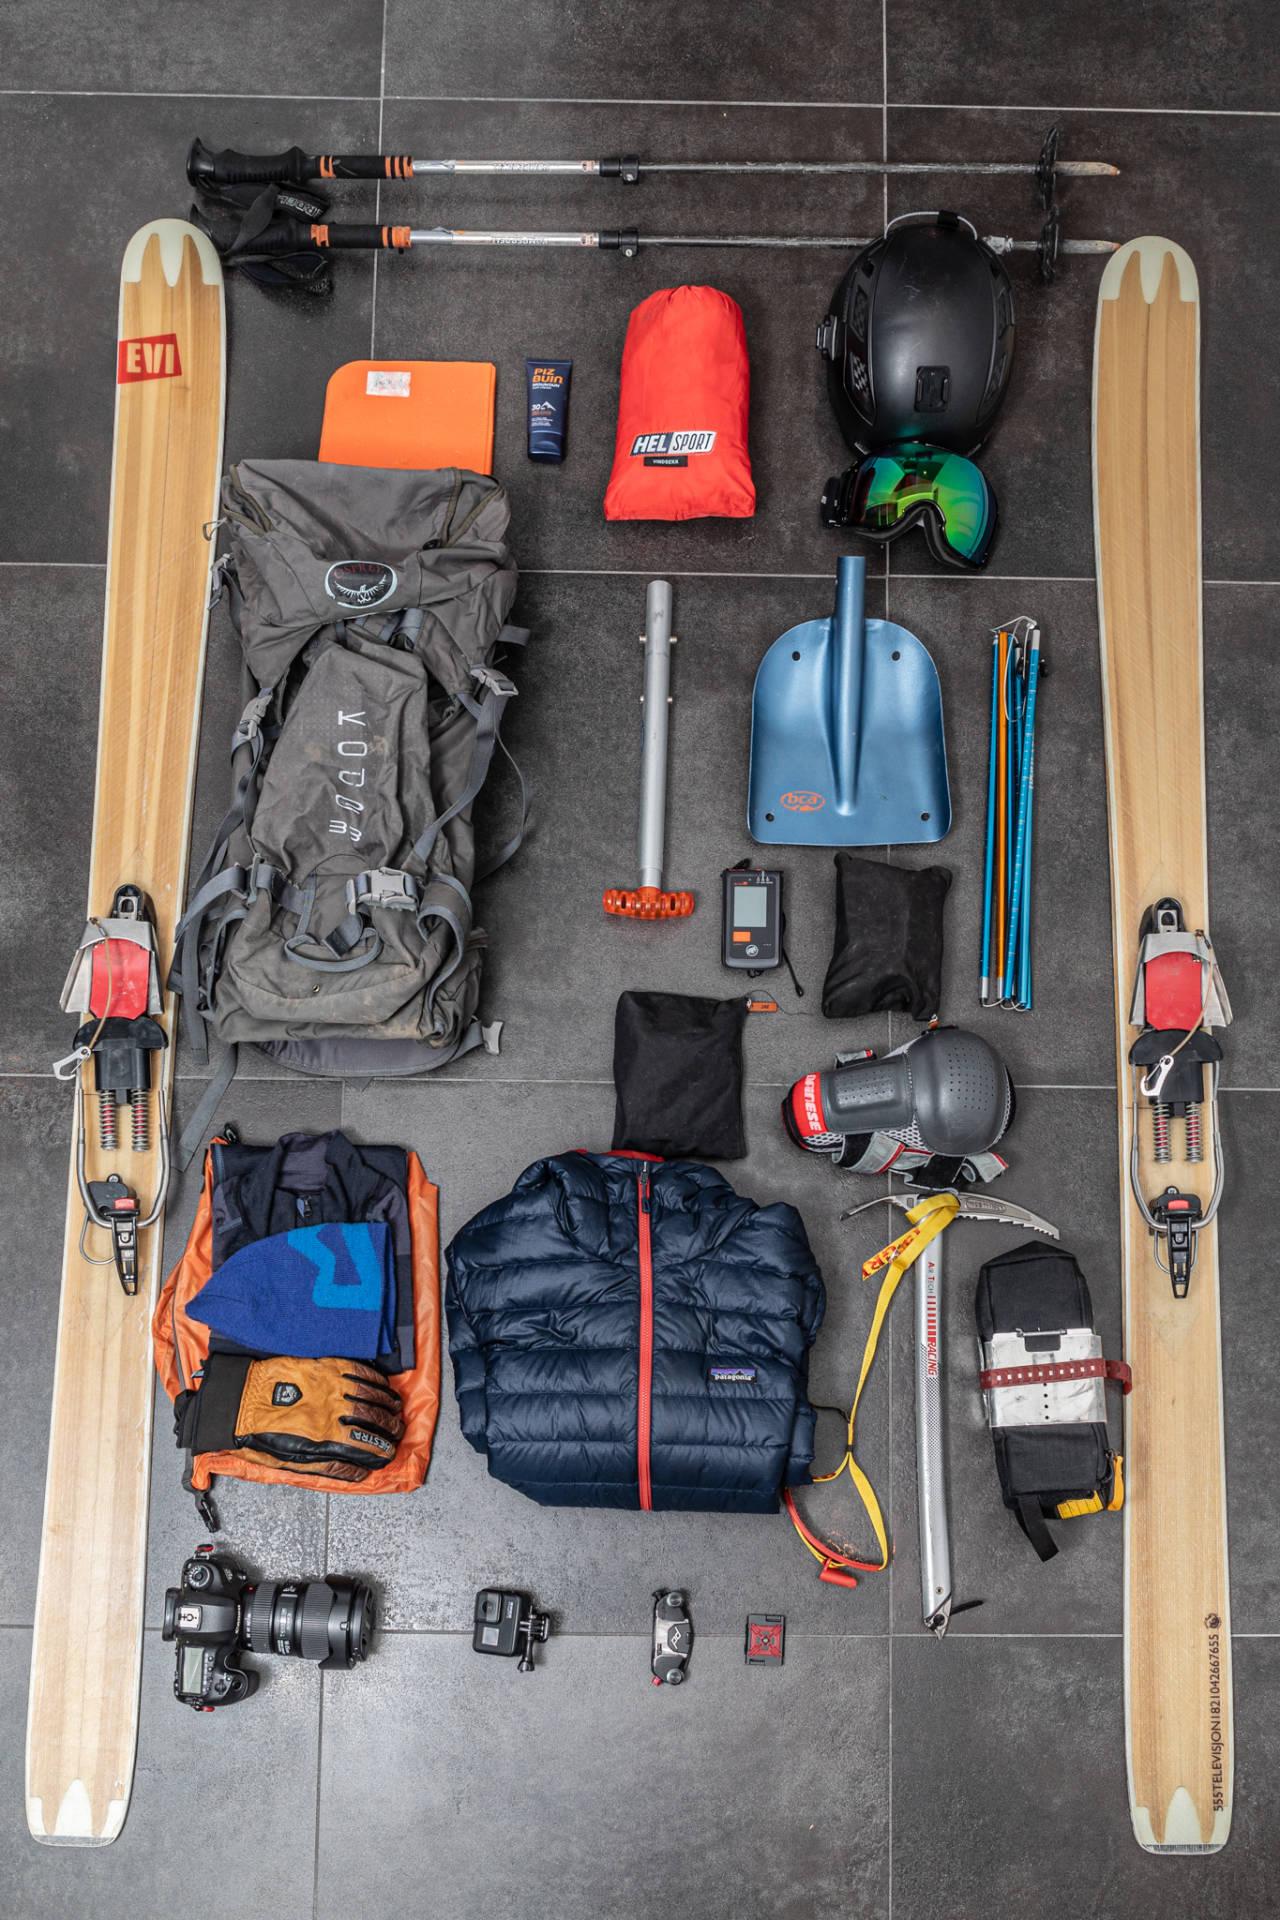 DAGSTURSEKK: Når du er på skiferie, men likevel skal sove inne, trenger ikke pakkingen være særlig komplisert. Foto: Torbjørn Melby